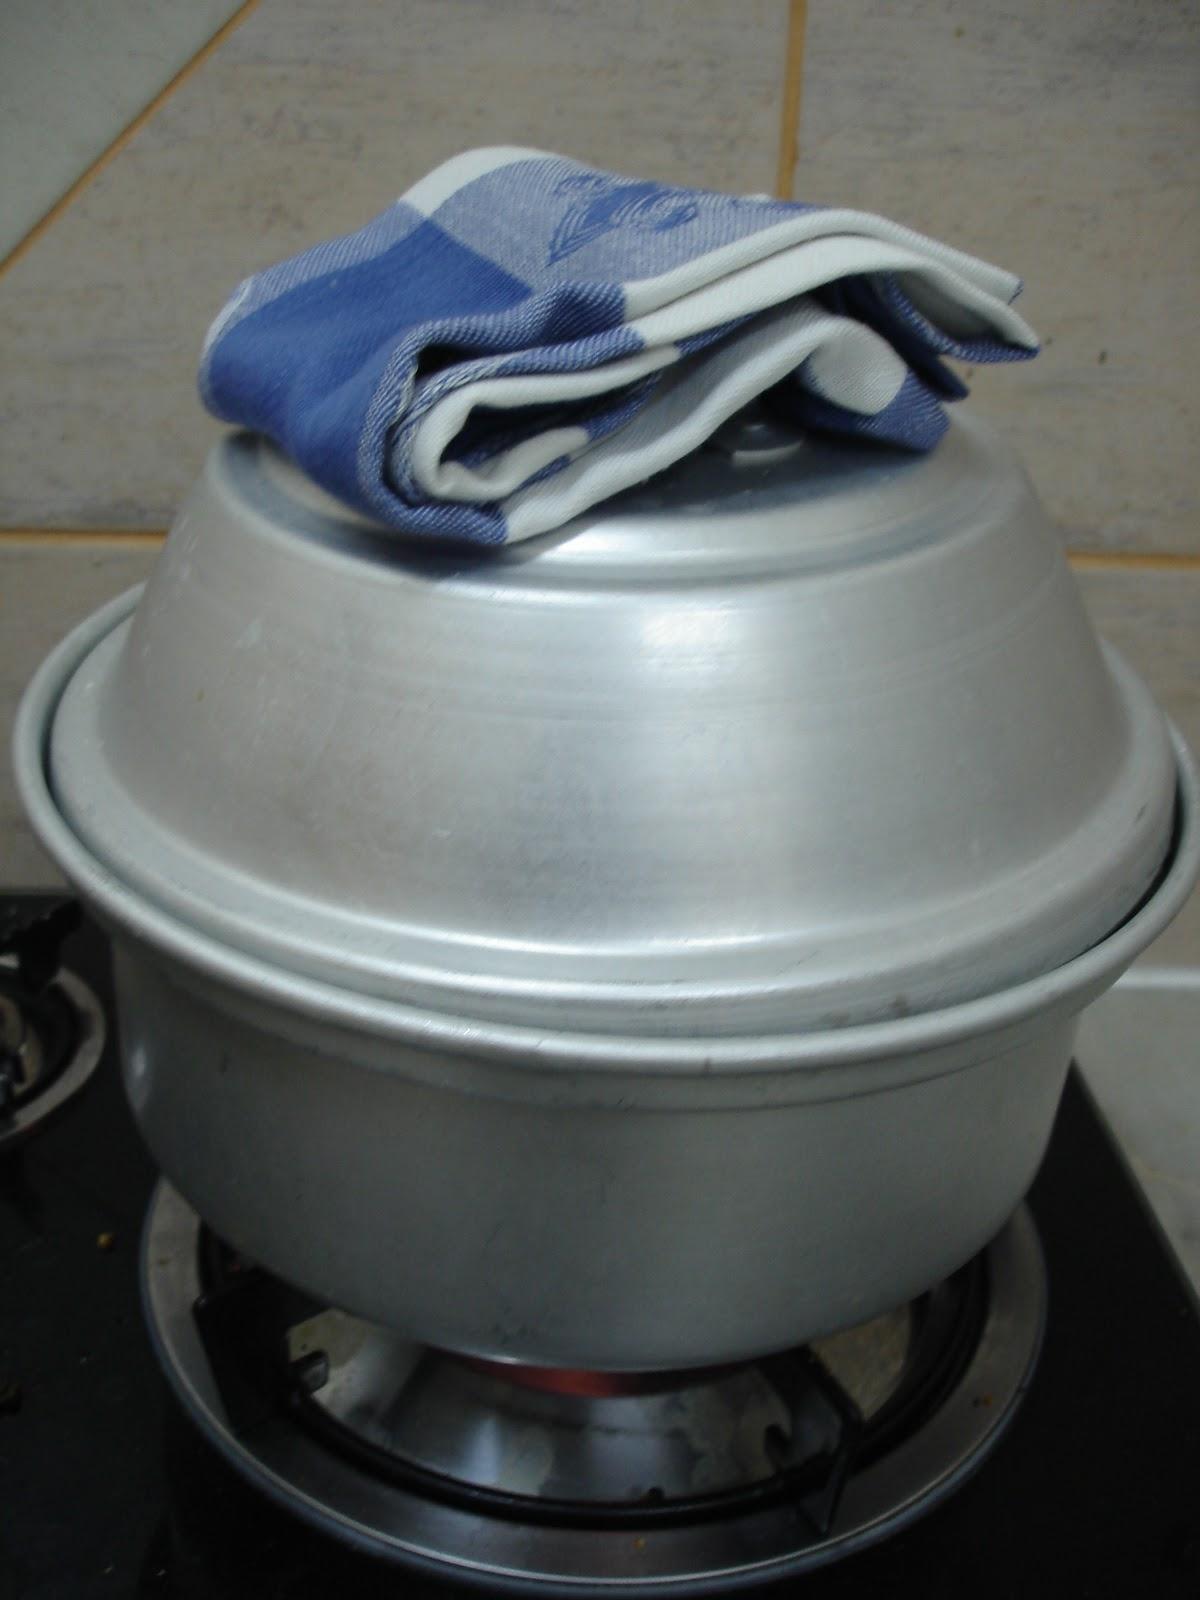 Divya\'s kitchen : 06 February 2011